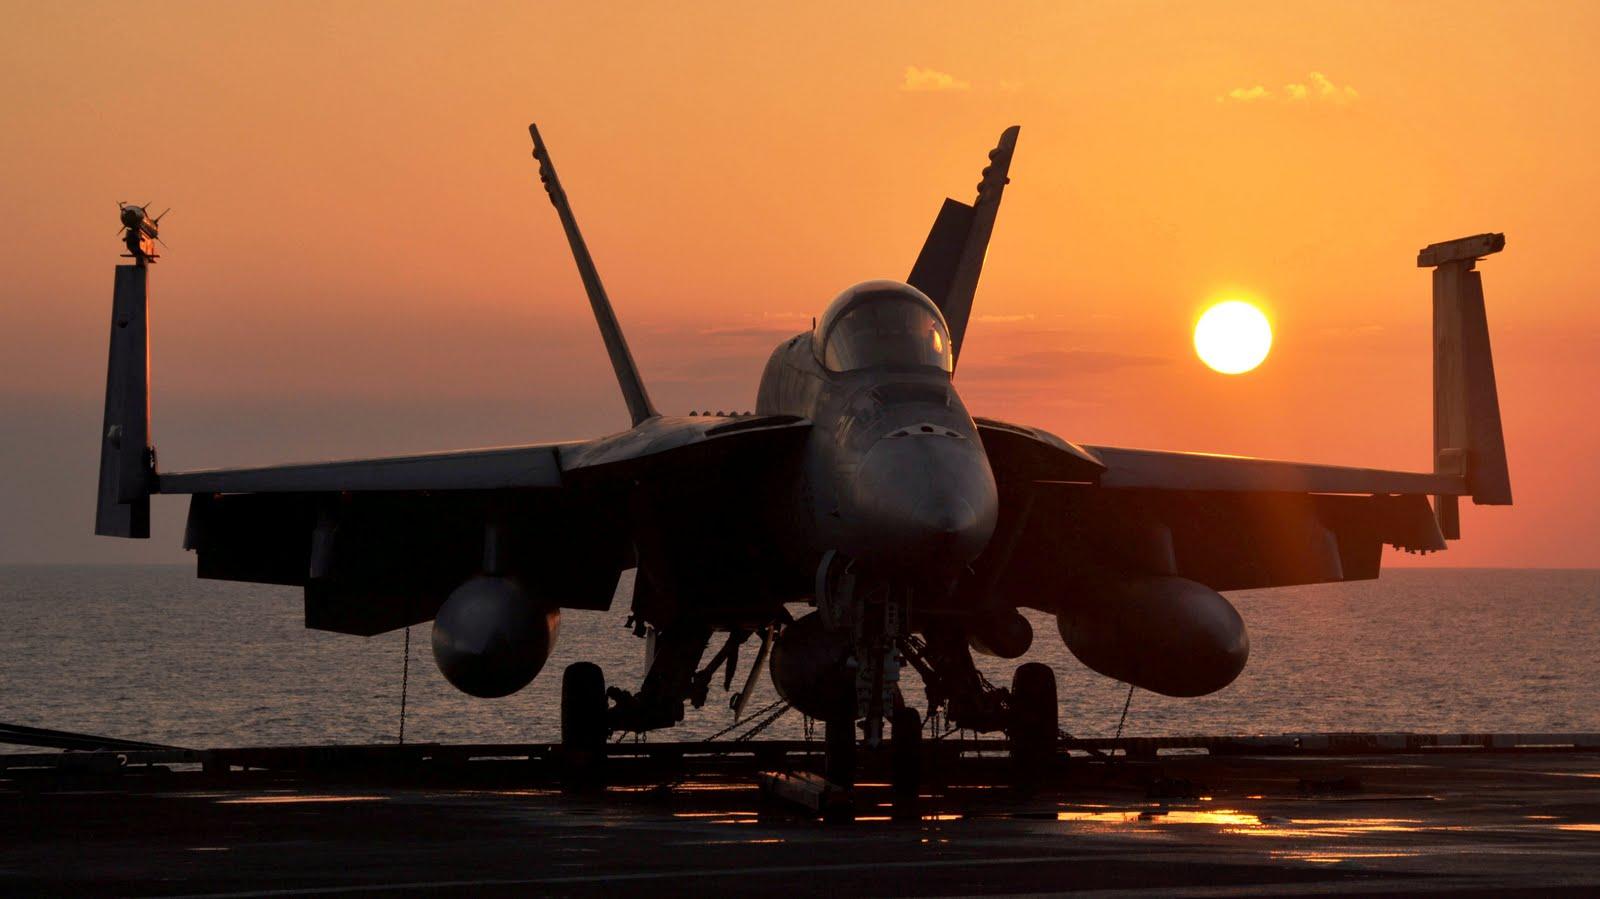 http://3.bp.blogspot.com/--YQDwIlPWbA/TjBME-iEhRI/AAAAAAAAGDw/OyZjtb5g6l8/s1600/F_A_18E_Super_Hornet_wing_folded_sunset_427316_aircraft-wallpaper.jpg